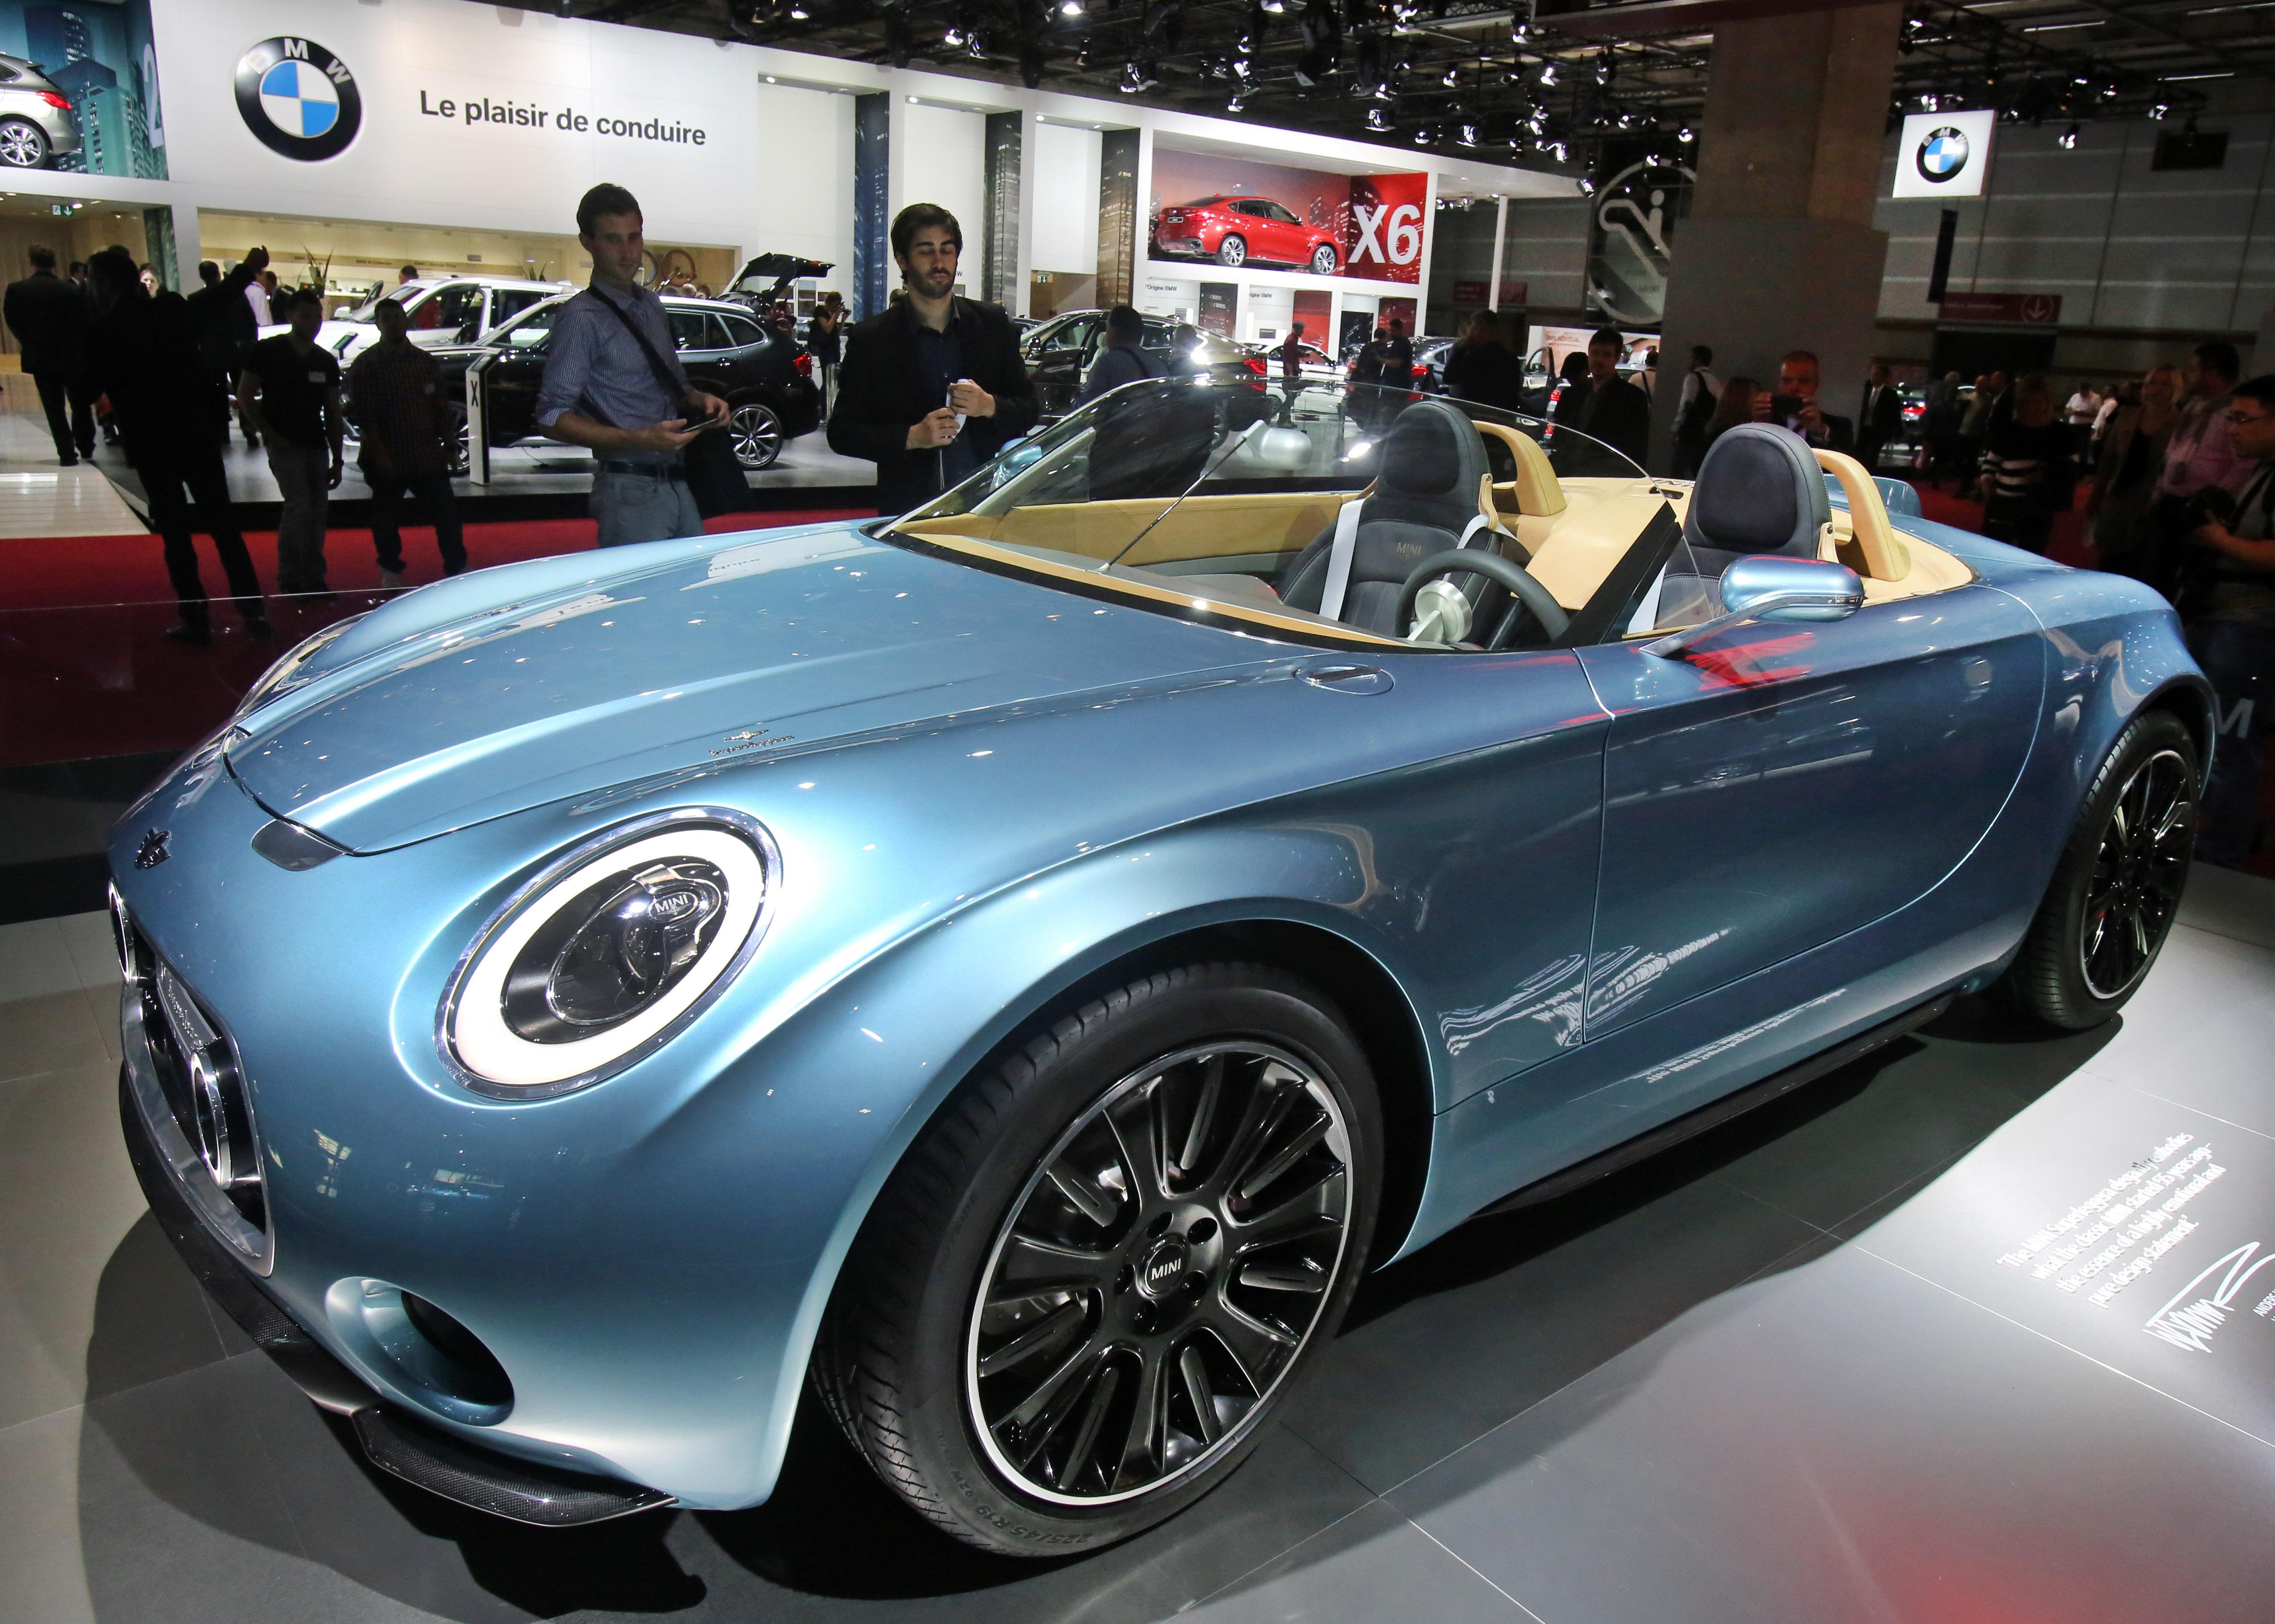 Impresionante muestra en en el Salón del Automóvil de París